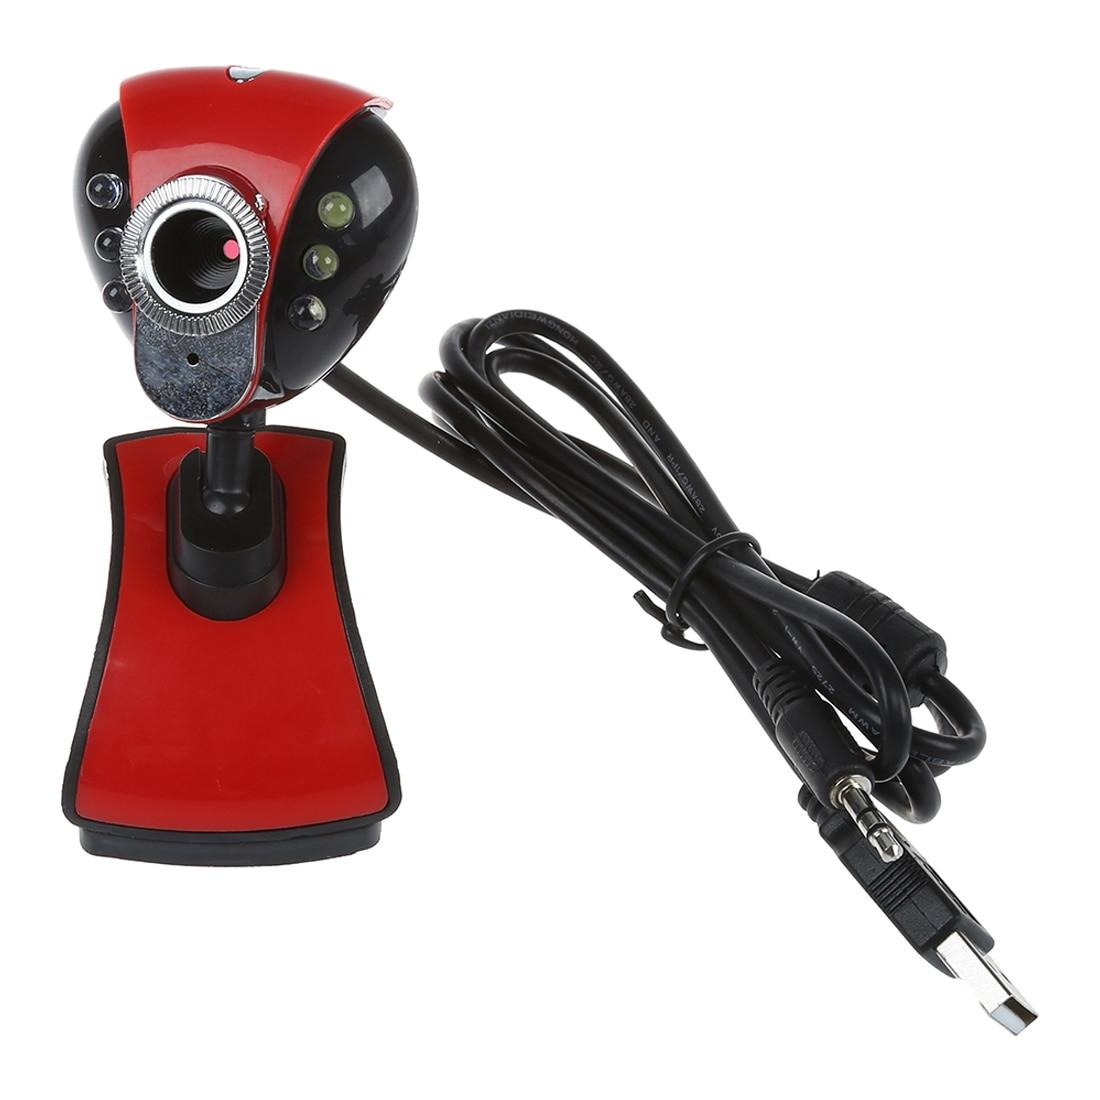 Computer & Büro Usb 2.0 50,0 M 6 Led Pc Kamera Hd 1080 P Webcam Kamera Mit Miniphone Für Computer Pc Laptop Rot Und Schwarz Gute WäRmeerhaltung